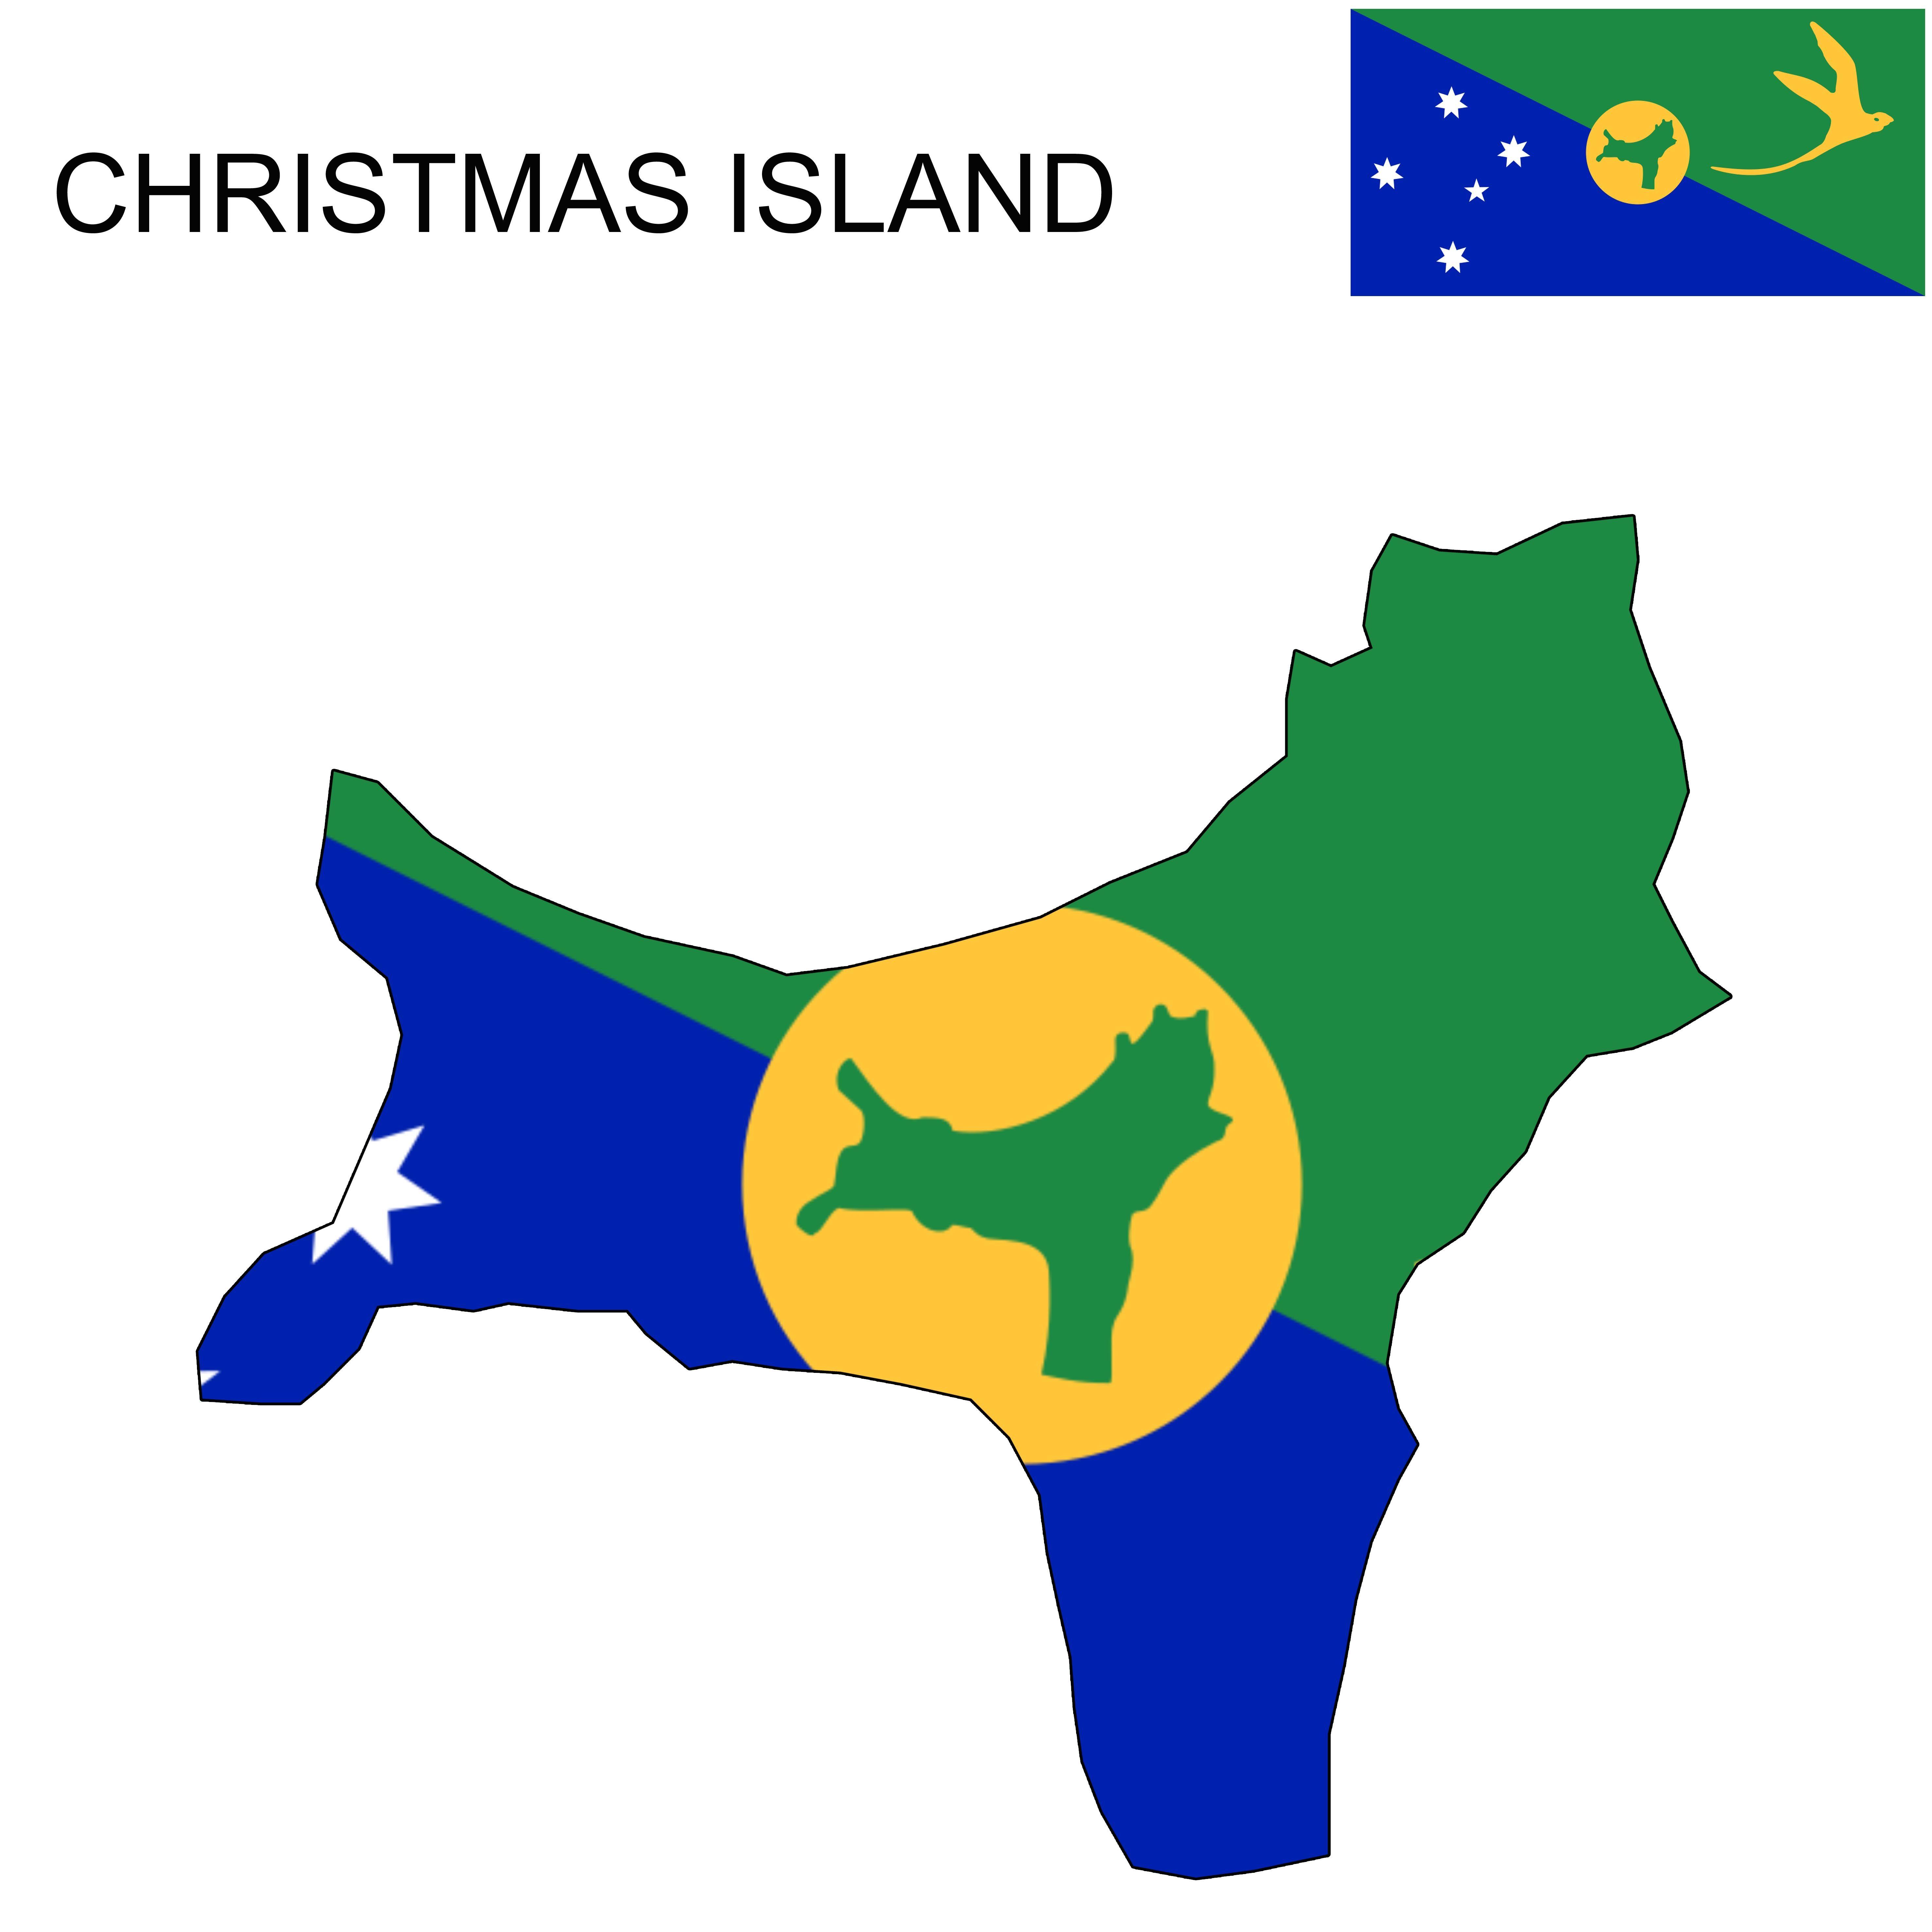 Christmas Island Flag Map (With images) | Christmas island, Flag, Map